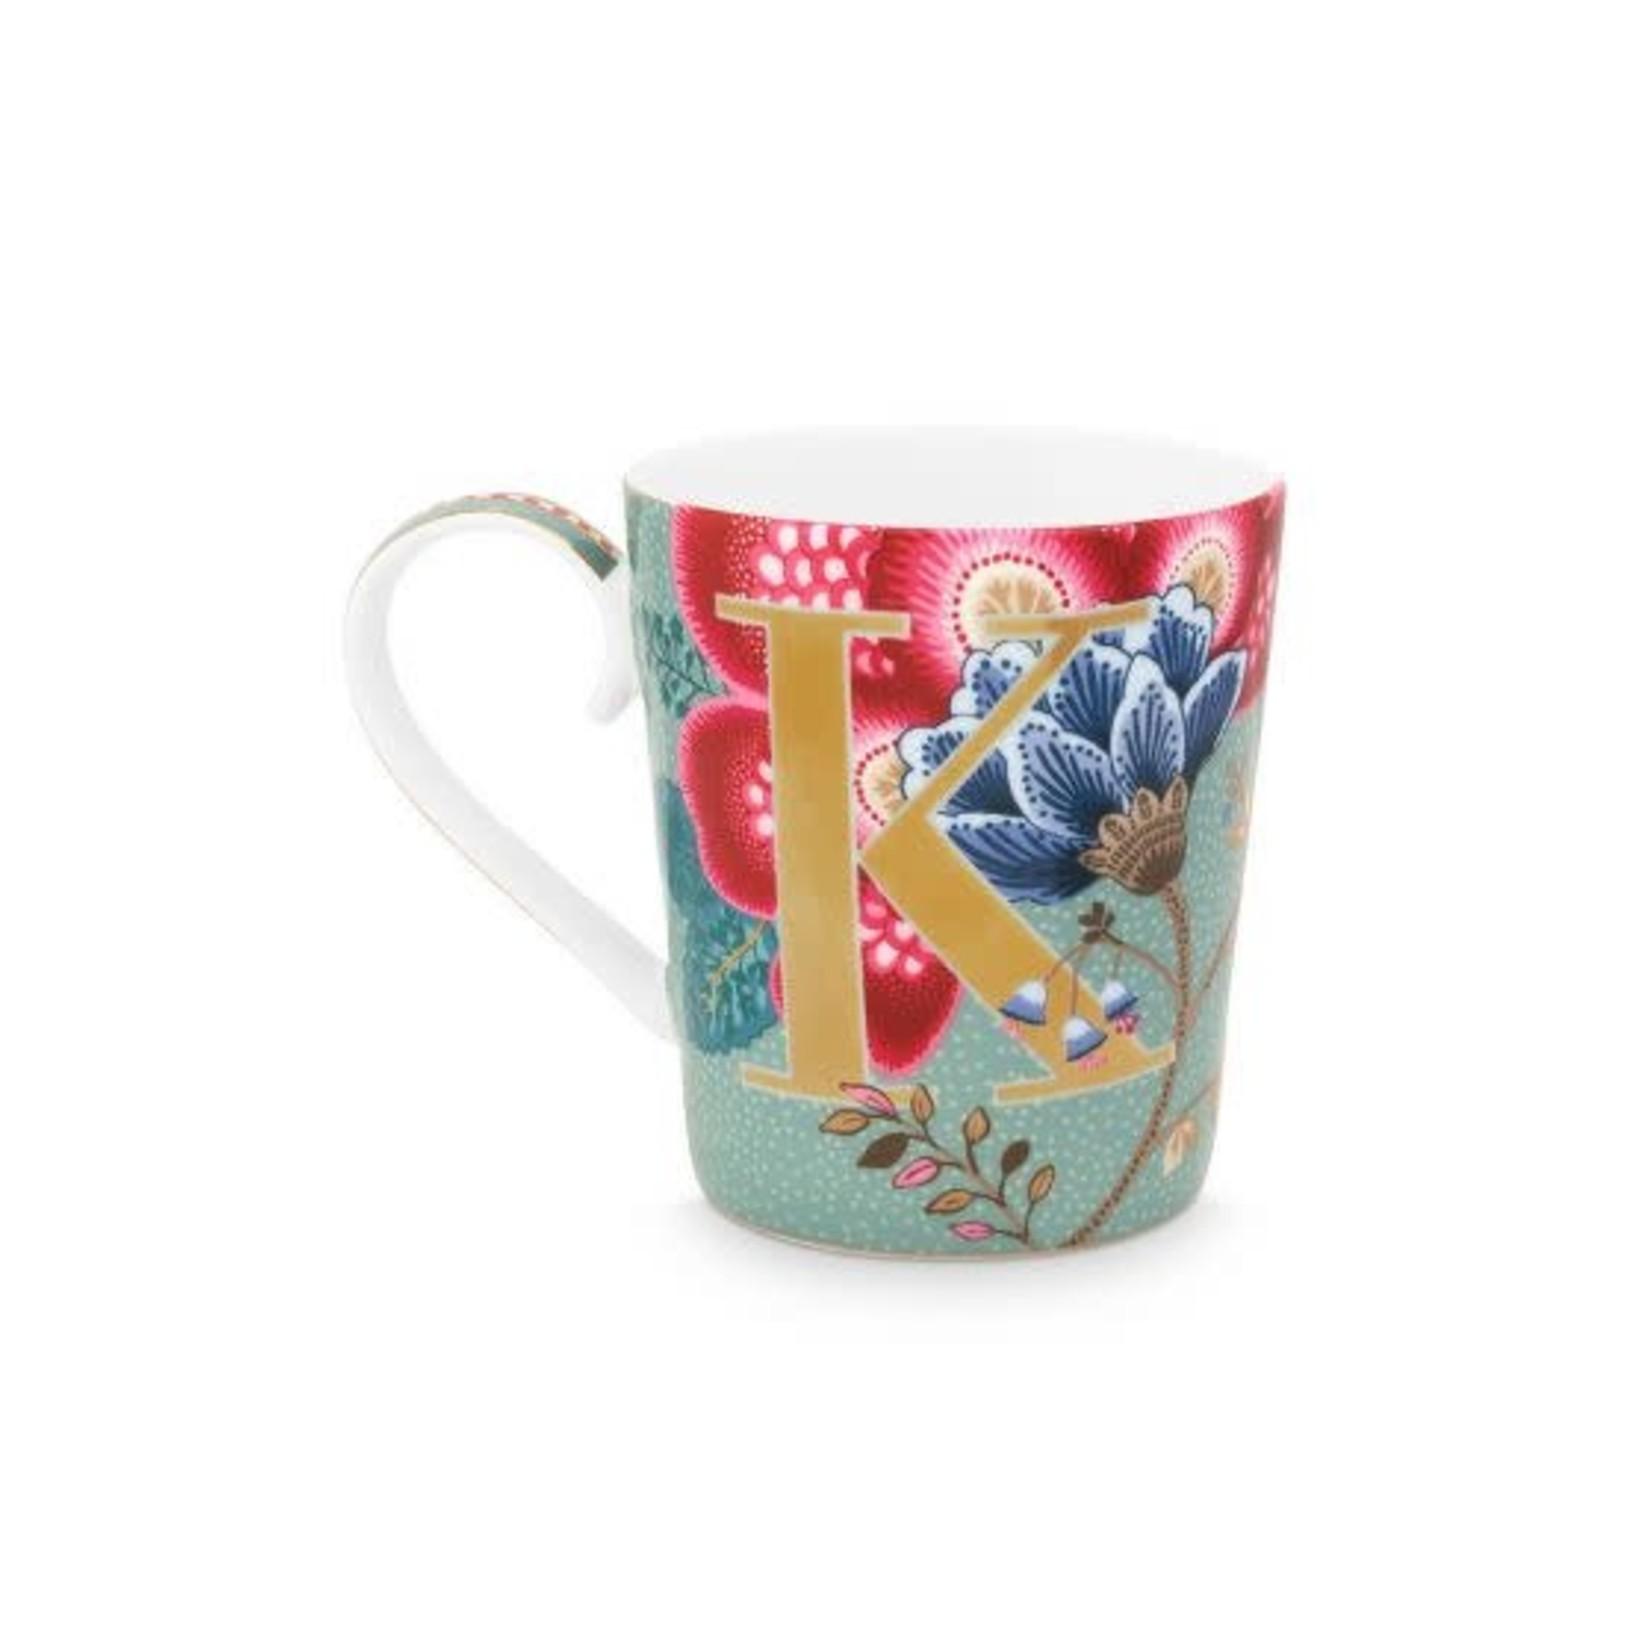 Pip Studio Alphabet Mugs Alphabet Mug Floral Fantasy Light Blue K 350ml